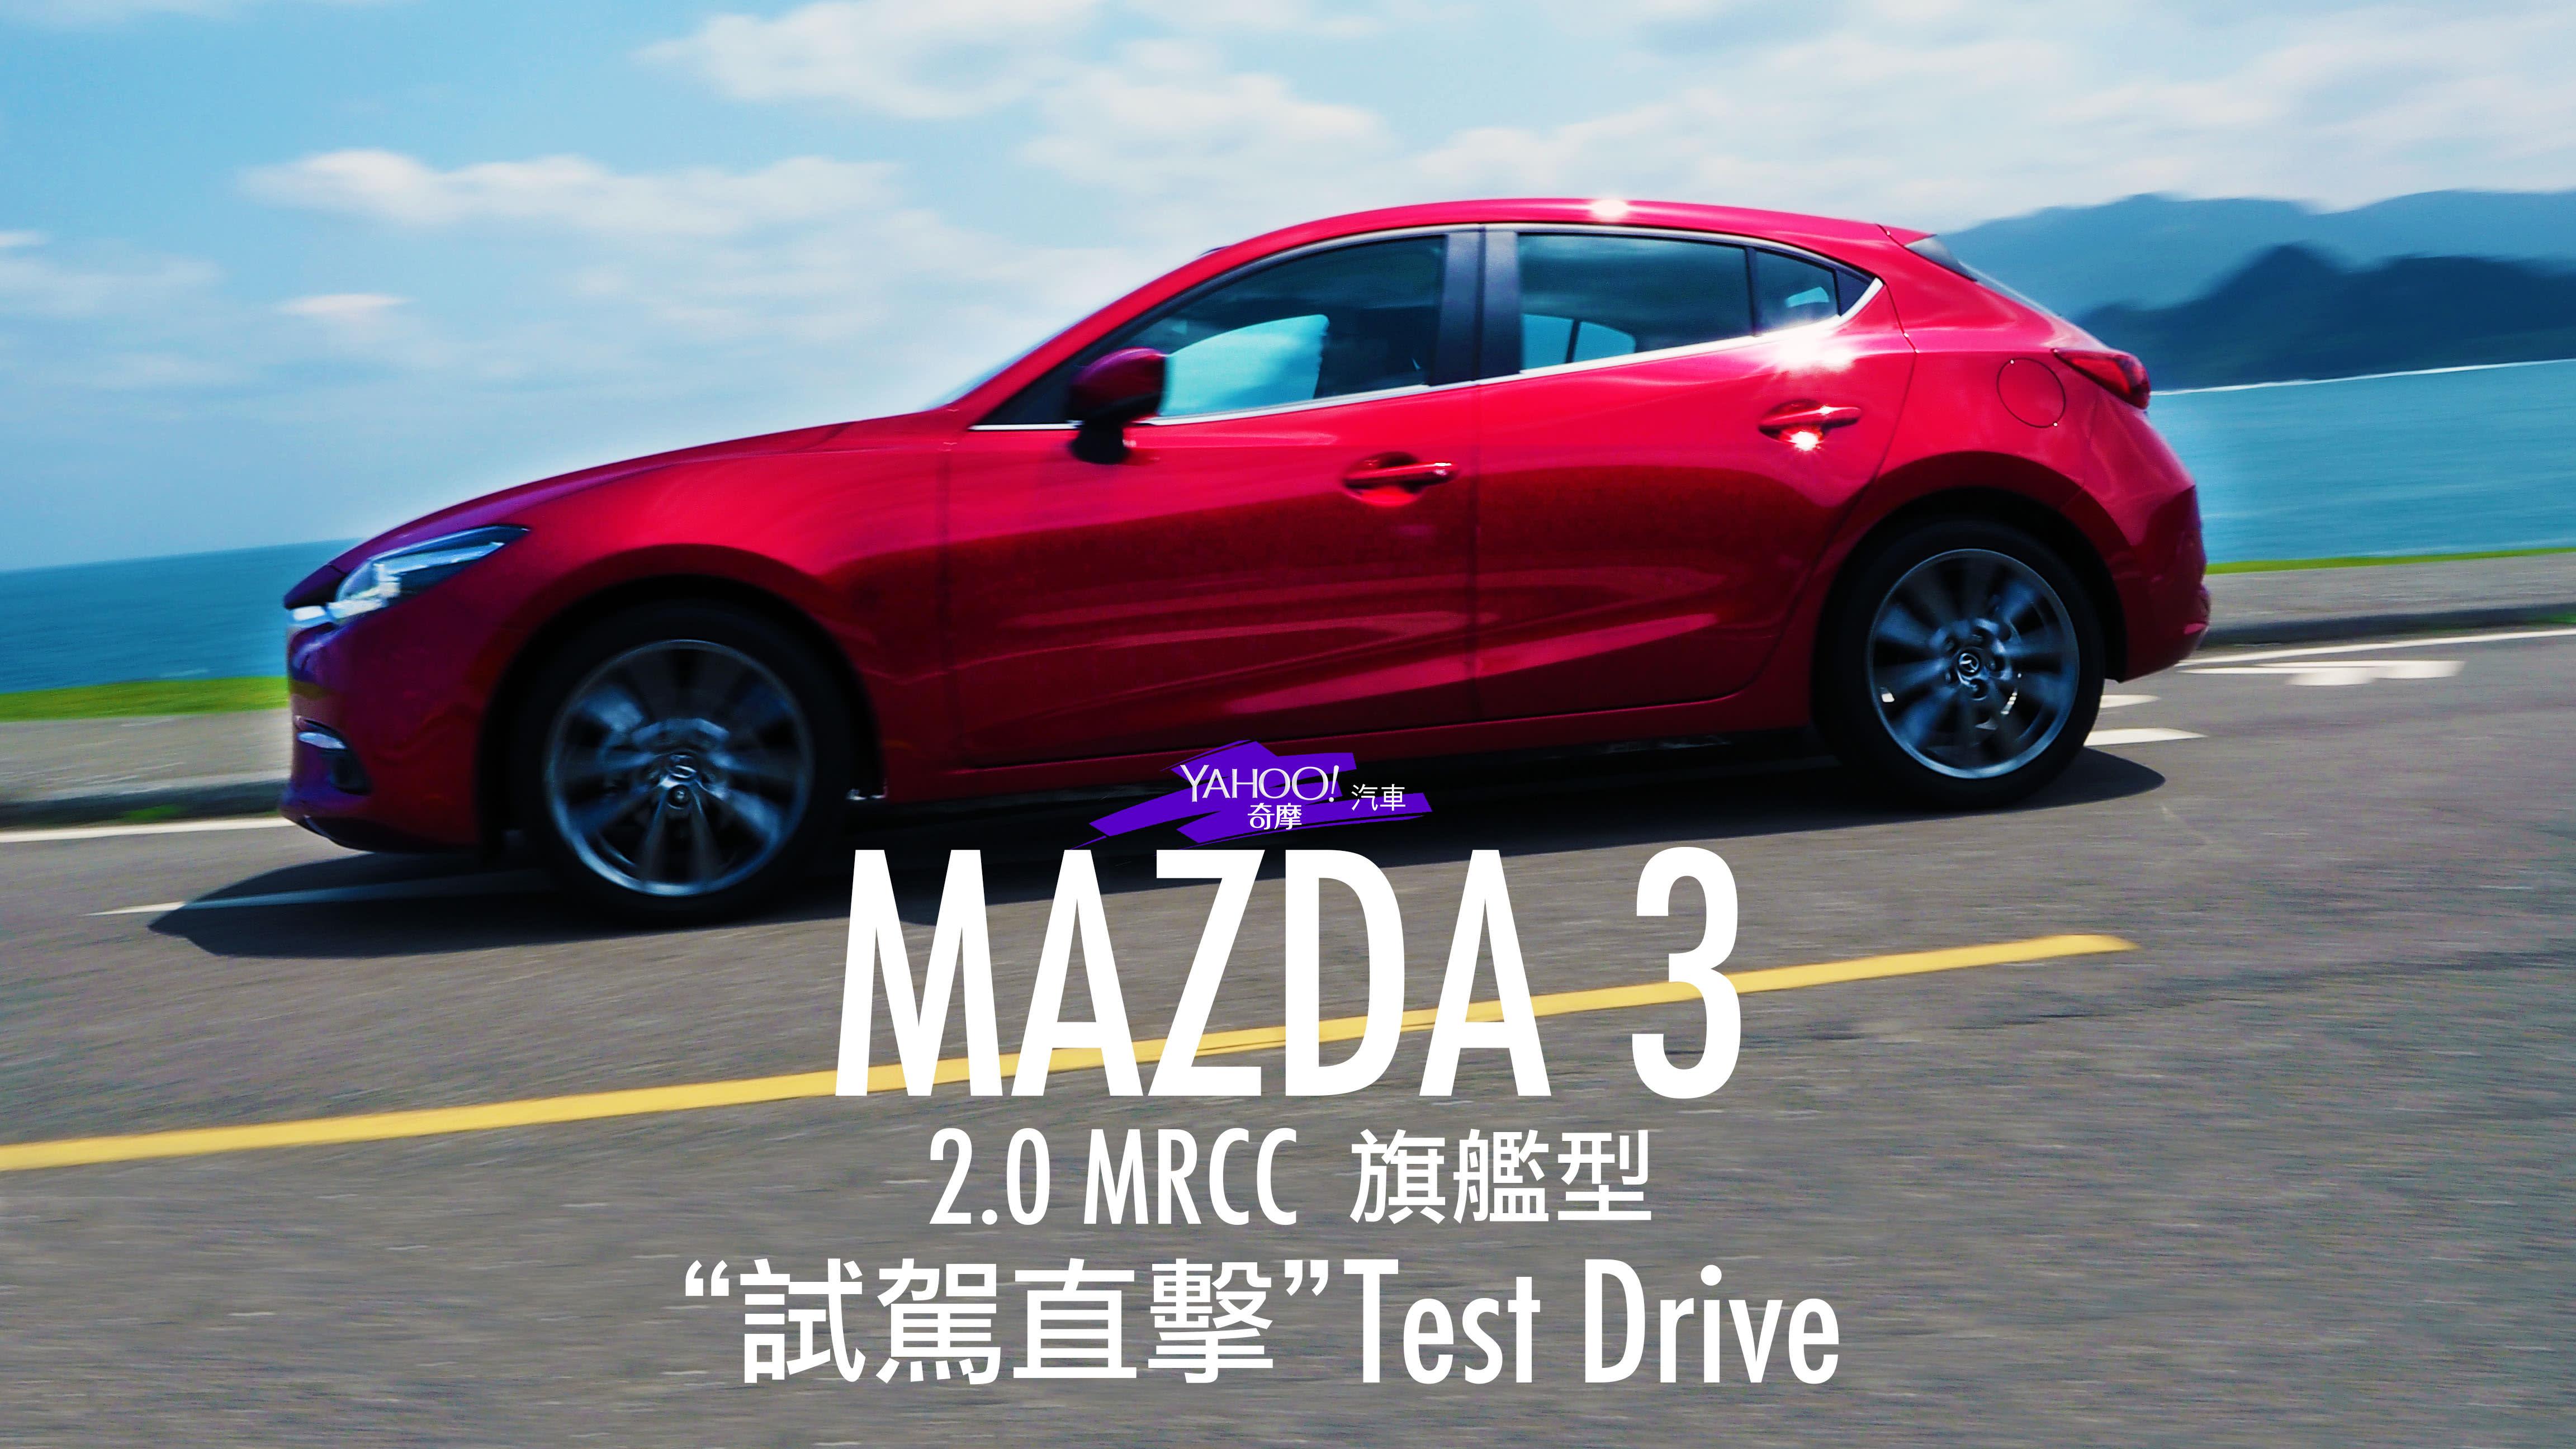 【試駕直擊】再一次的戀慕!2018年式Mazda 3海灣MRCC加持試駕